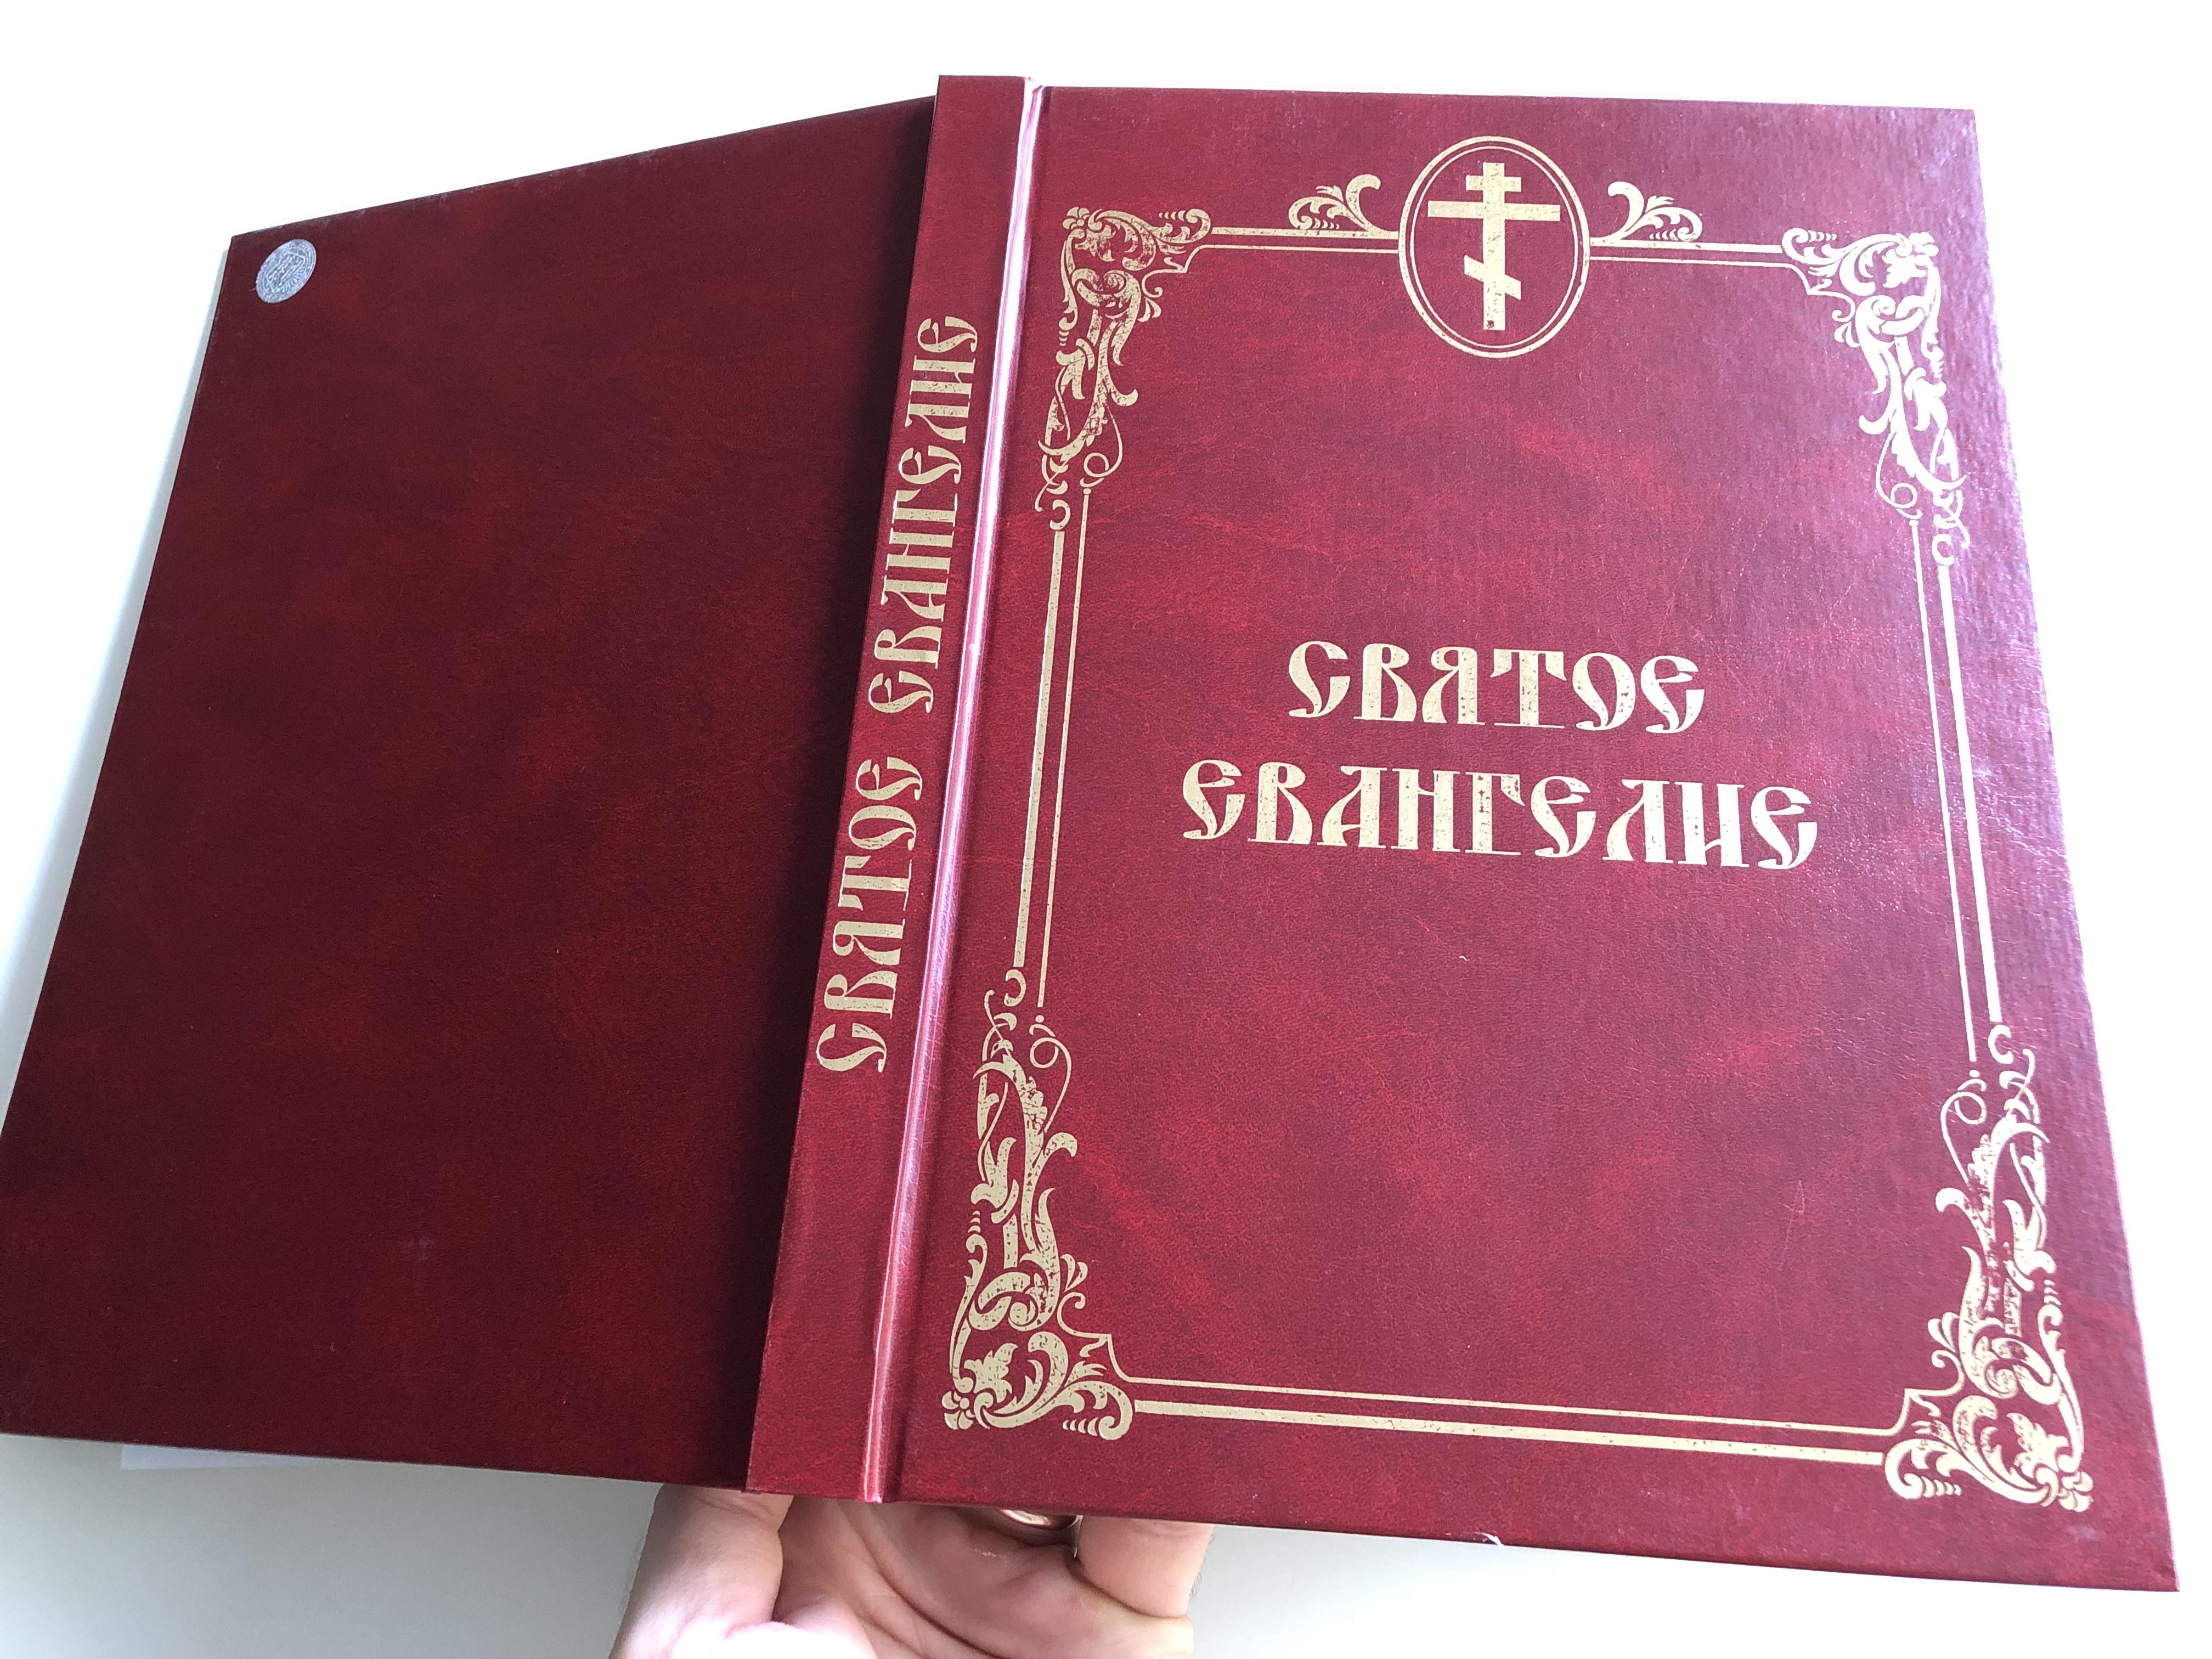 the-four-gospels-in-russian-large-print-for-the-elderly-the-gospels-according-to-matthew-mark-luke-john-orthodox-cover-theme-12-.jpg